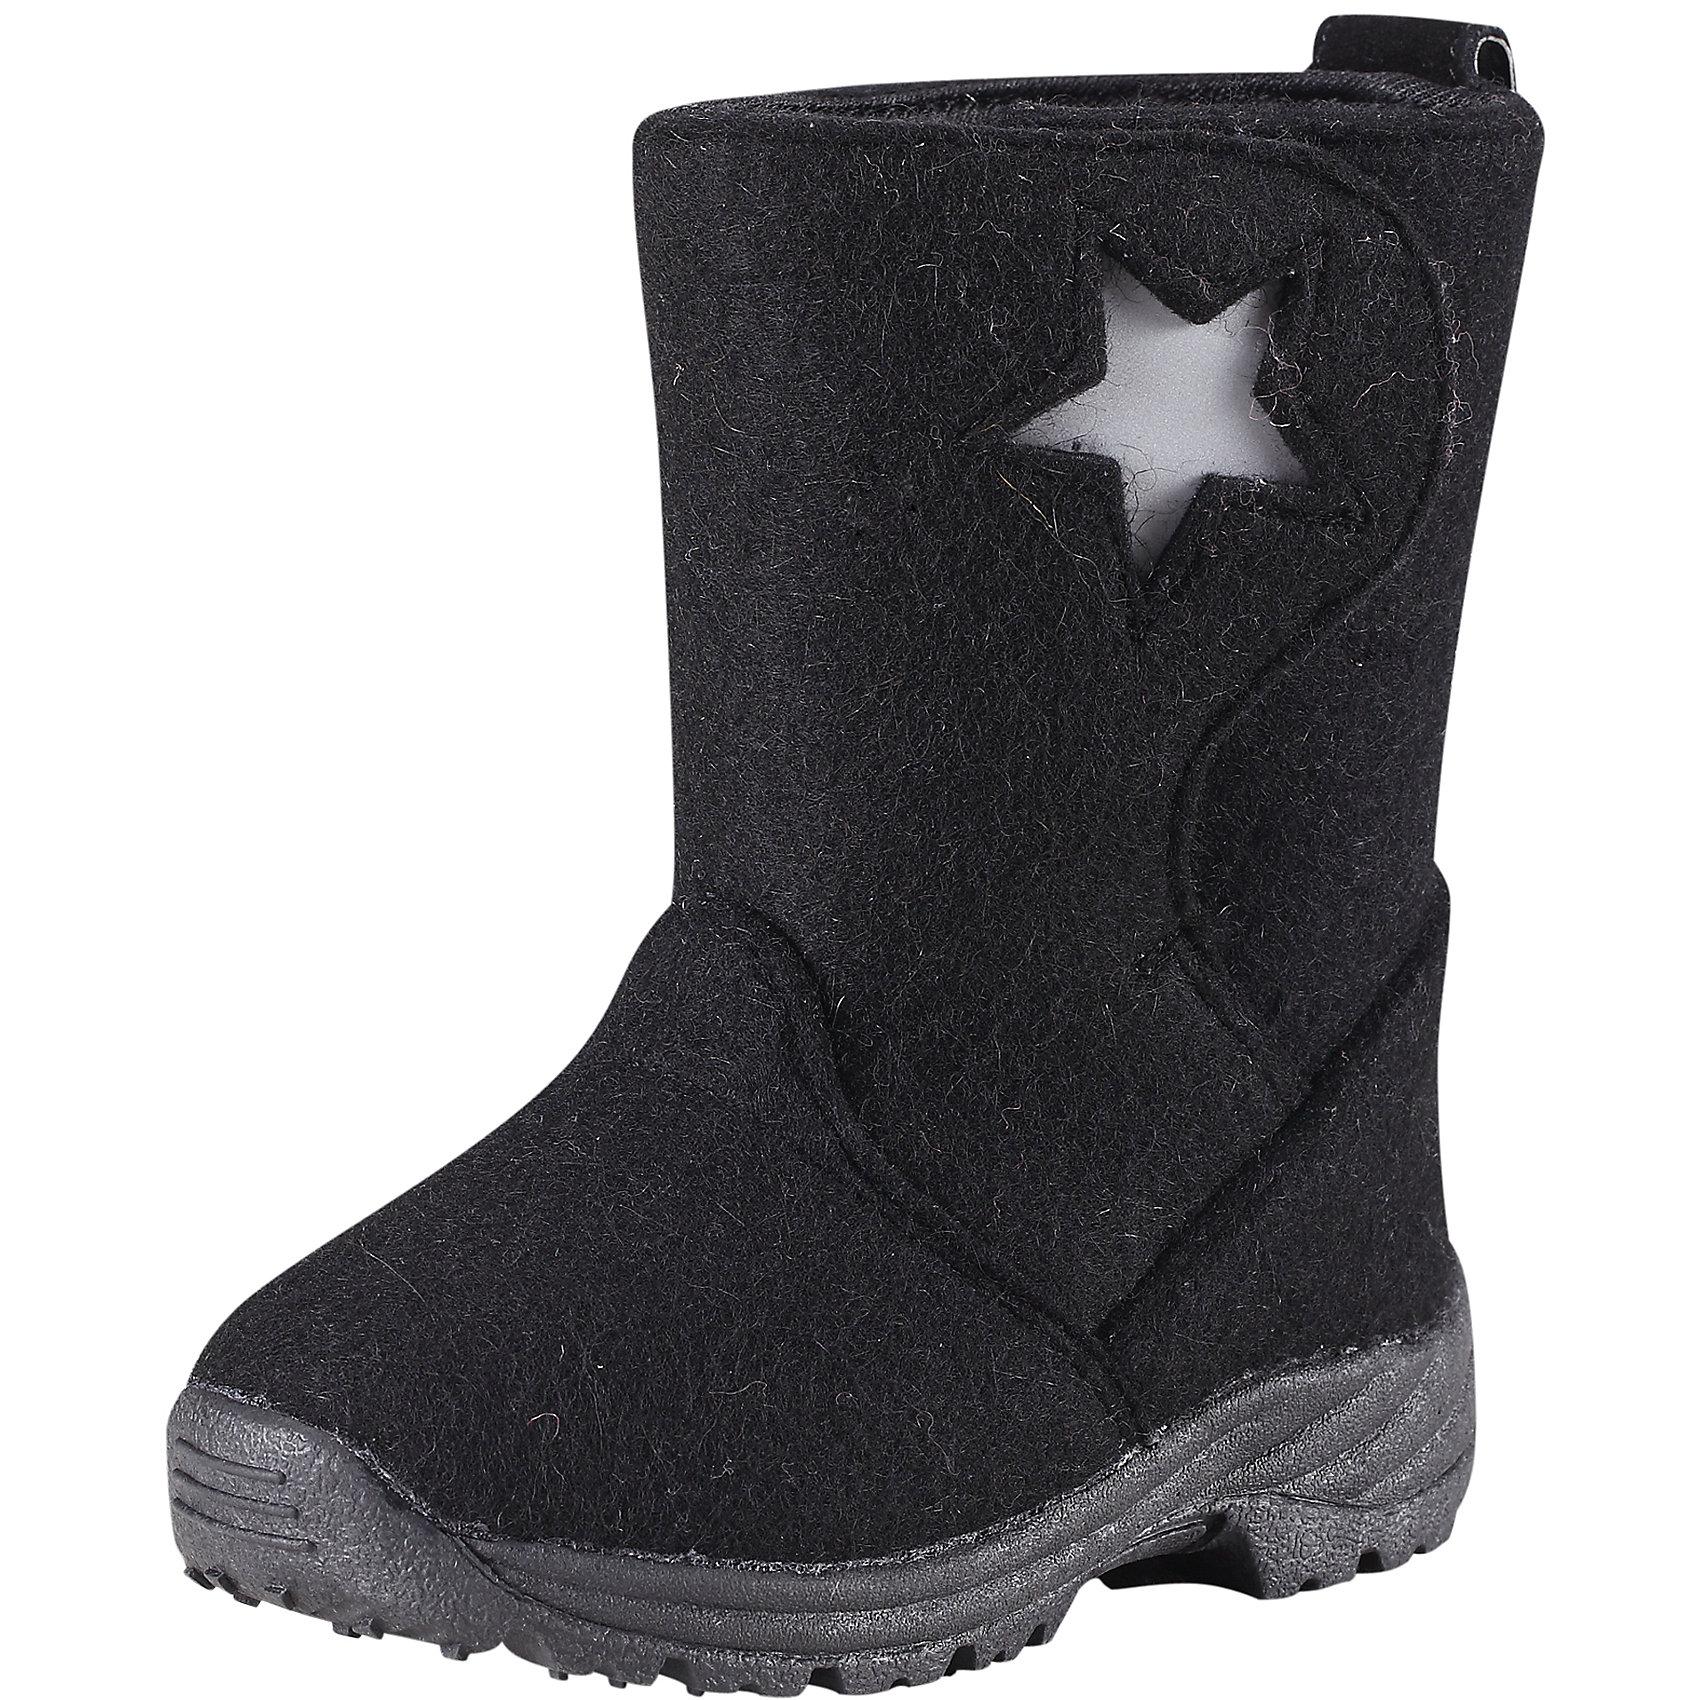 Ботинки ReimaНадёжная обувь для особенно холодных зимних дней: ботинки из фетра на каучуковой подошве, гарантирующей хорошее сцепление с поверхностью - это то, о чём дети могли только мечтать несколько десятилетий назад... Дополнительное утепление за счёт мягкой смеси шерсти и фетровых стелек, которые вынимаются. С помощью стелек можно легко проверить размер ботинка: впереди должно оставаться пространство в 1,5 см для движения и роста ноги. Эти супер-тёплые ботинки легко обуваются благодаря новой конструкции голенища, которое полностью расстёгивается и застёгивается с помощью липучек. Таким образом, вы можете отрегулировать ботинки, чтобы они плотно прилегали к ножке. Подошва из термопластичного каучука обеспечивает не только хорошее сцепление с поверхностью, но и теплоизоляцию. Благодаря рифлёному узору на подошве штрипки брюк и комбинезона будут надёжно сидеть на пятке. Забавные декоративные светоотражающие детали оживляют образ и обеспечивают дополнительную безопасность в темноте.<br><br>Детские ботинки Reima® ORIGINAL из фетра для особенно холодных зимних дней<br>Удобная и тёплая шерстяная подкладка<br>Стельки вынимаются, рисунок Happy Fit помогает правильно определить размер ноги<br> Подошва из термопластичного каучука обеспечивает хорошее сцепление с поверхностью<br>Светоотражающие детали на голенище<br>Состав:<br>Подошва: термопластичная резина, Верх: Шерсть<br>Высокая степень утепления (до - 30)<br><br>Ботинки Reima (Рейма) можно купить в нашем магазине.<br><br>Ширина мм: 237<br>Глубина мм: 180<br>Высота мм: 152<br>Вес г: 438<br>Цвет: черный<br>Возраст от месяцев: 21<br>Возраст до месяцев: 24<br>Пол: Унисекс<br>Возраст: Детский<br>Размер: 24,28,25,30,29,27,26<br>SKU: 4209249